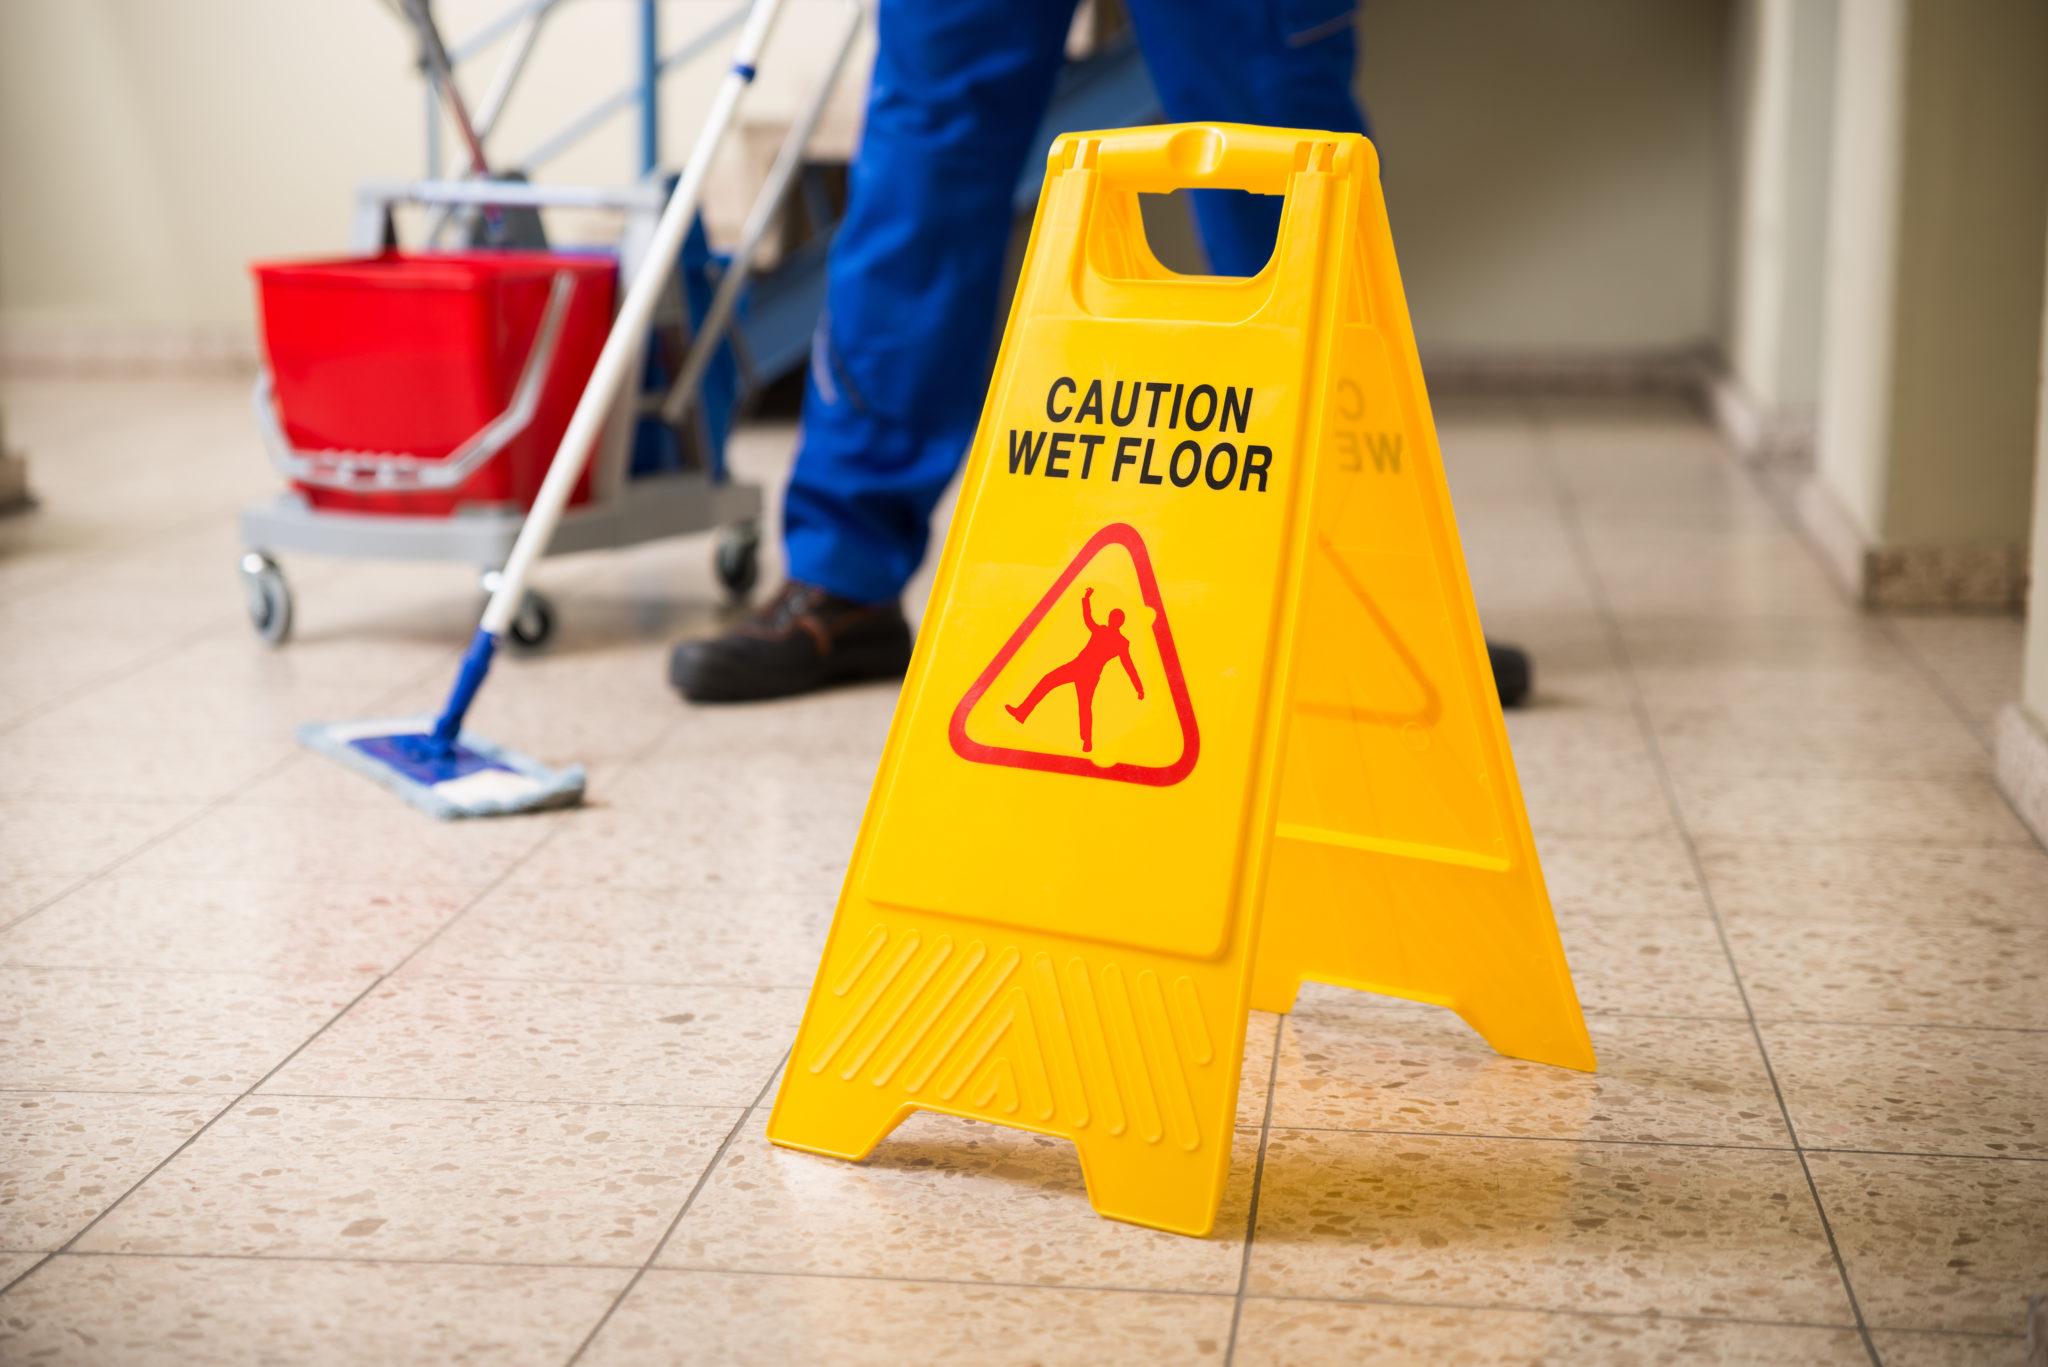 L'igiene e la pulizia sono fondamentali per l'immagine di un'azienda